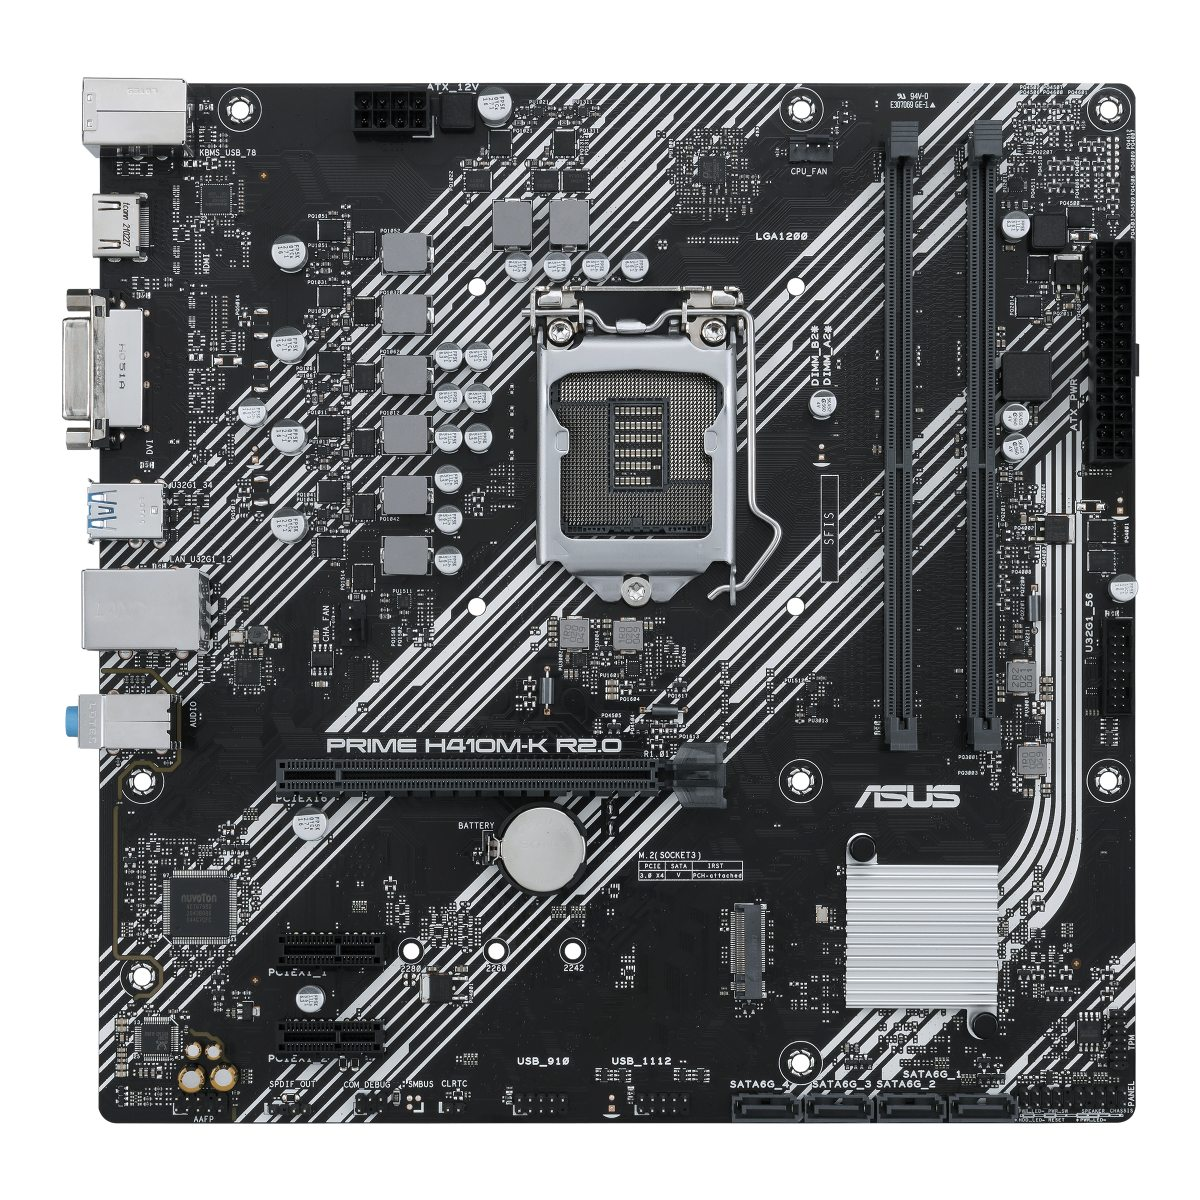 ASUS PRIME H410M-K R2.0